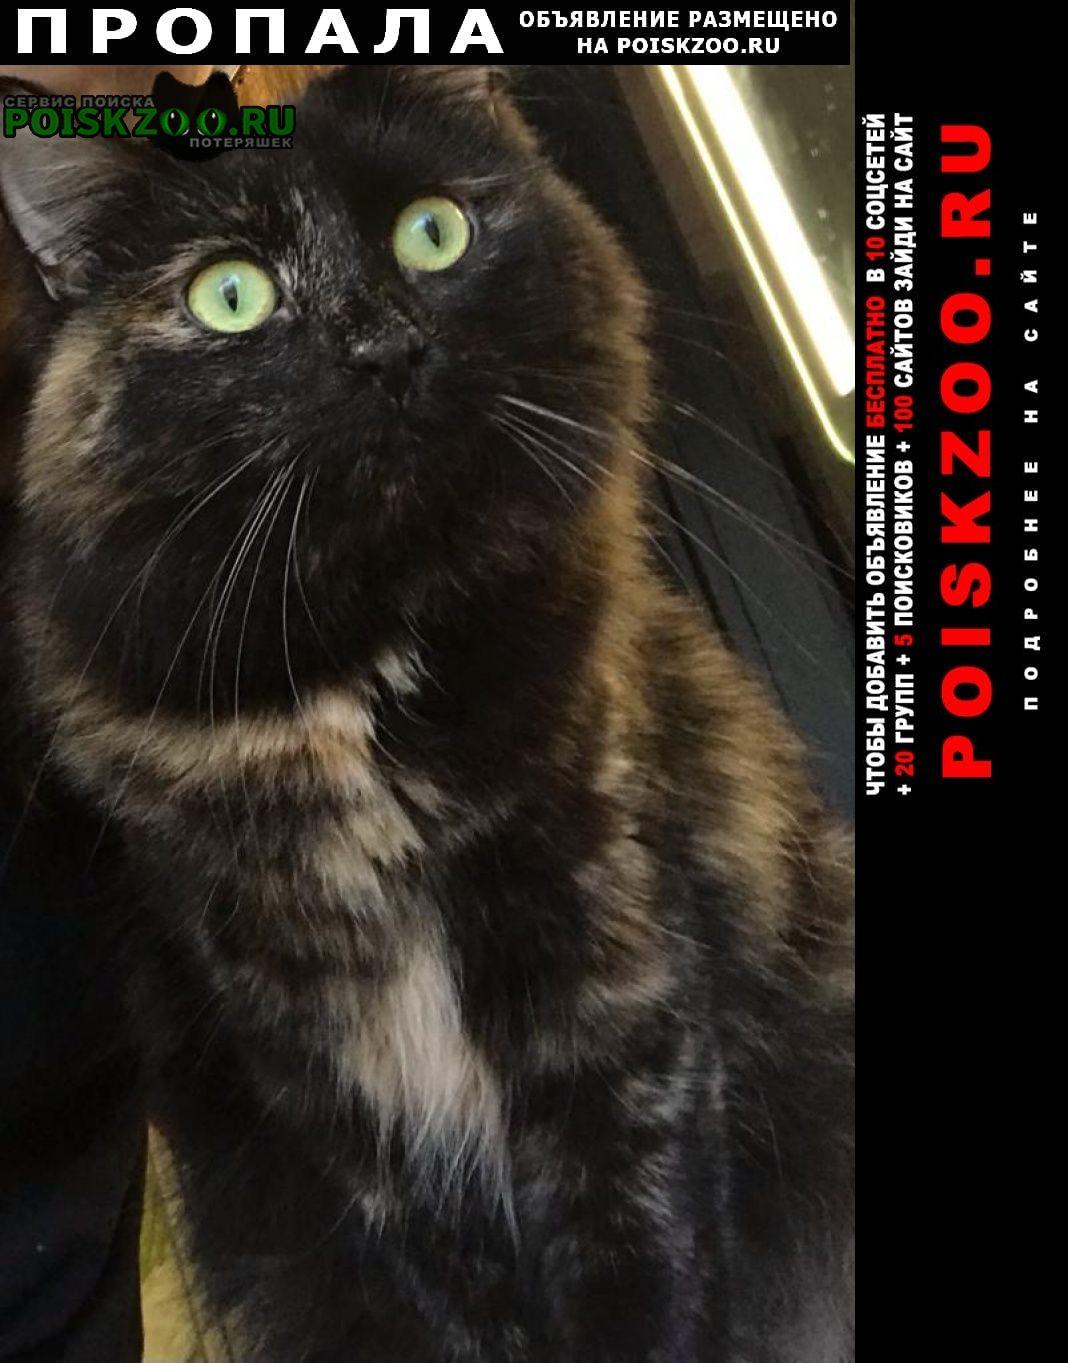 Пропала кошка за вознаграждение Москва